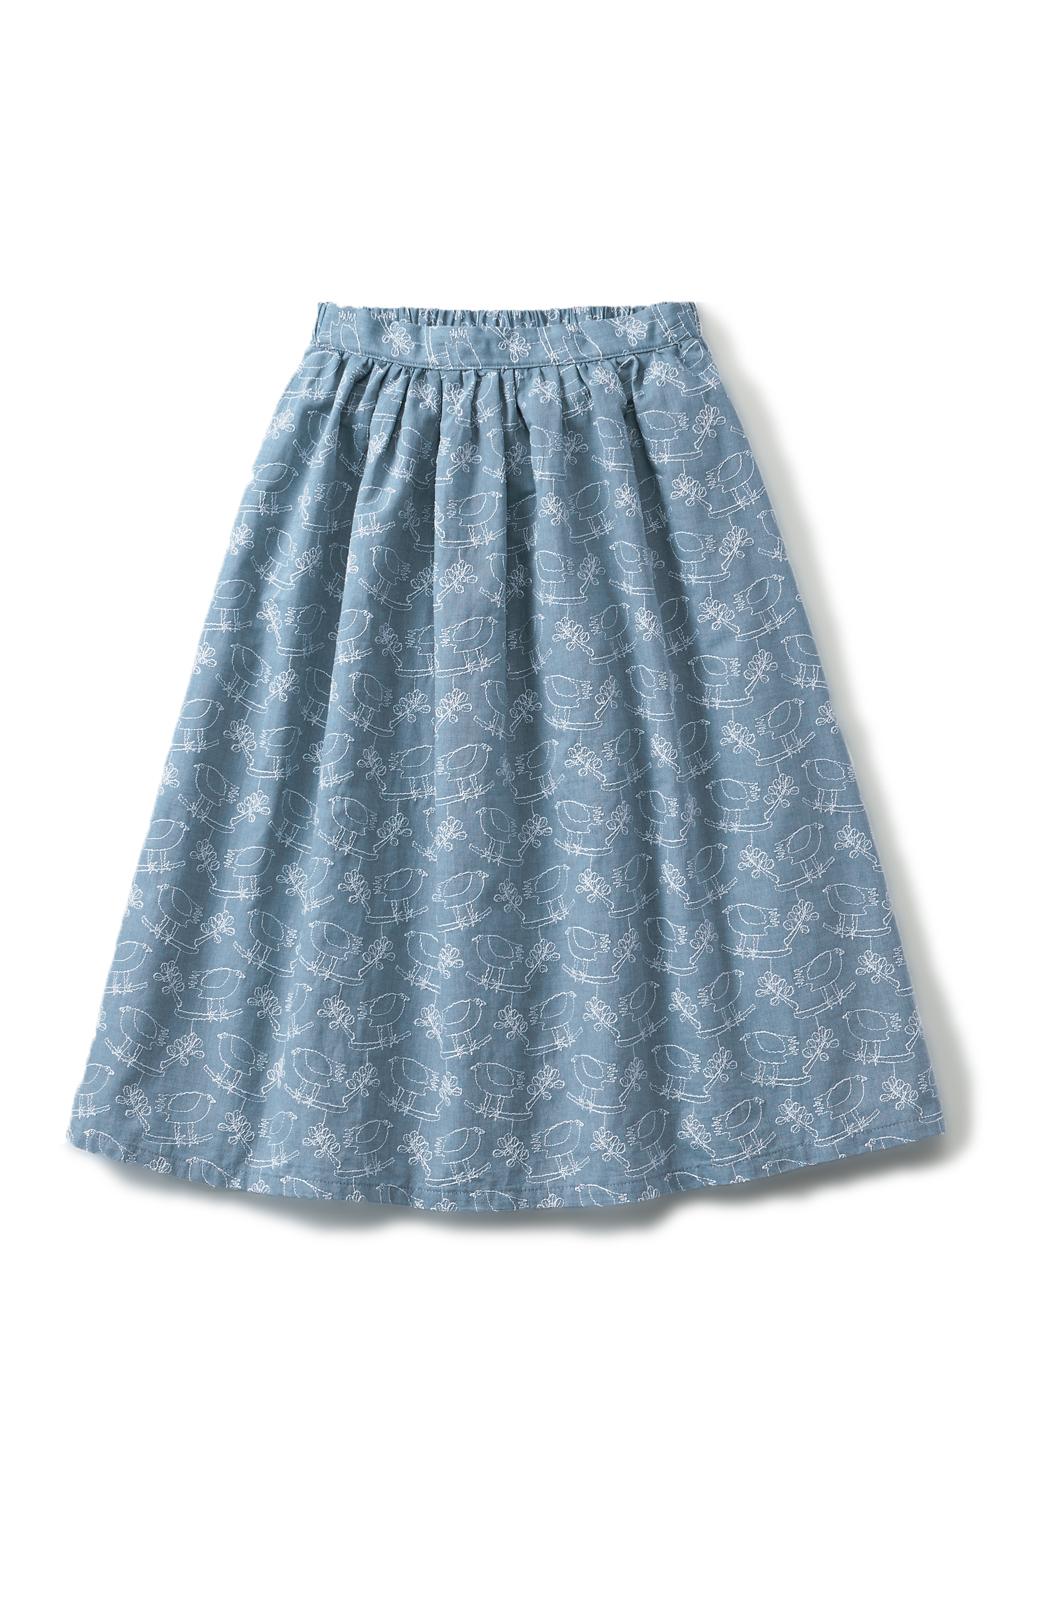 haco! UNICOLART OHTA KOSUKE 鳥と葉っぱ 総刺しゅう布のスカート <ブルー>の商品写真2